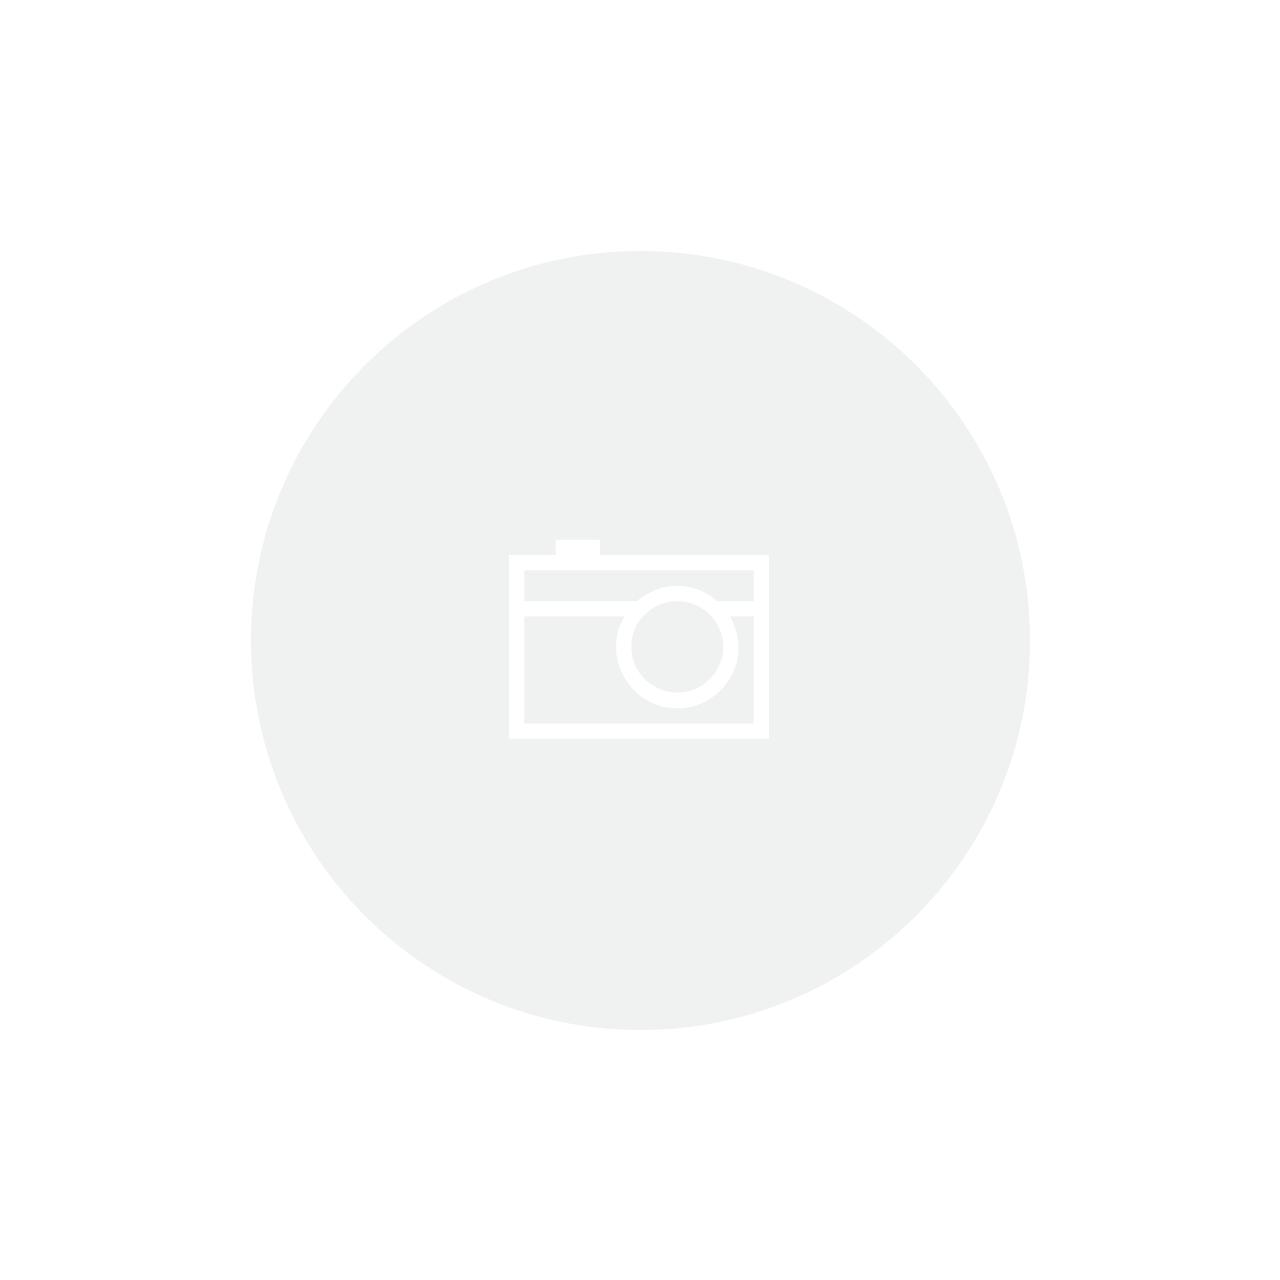 Faqueiro em Aço Inox 101 Peças Cannes Tramontina